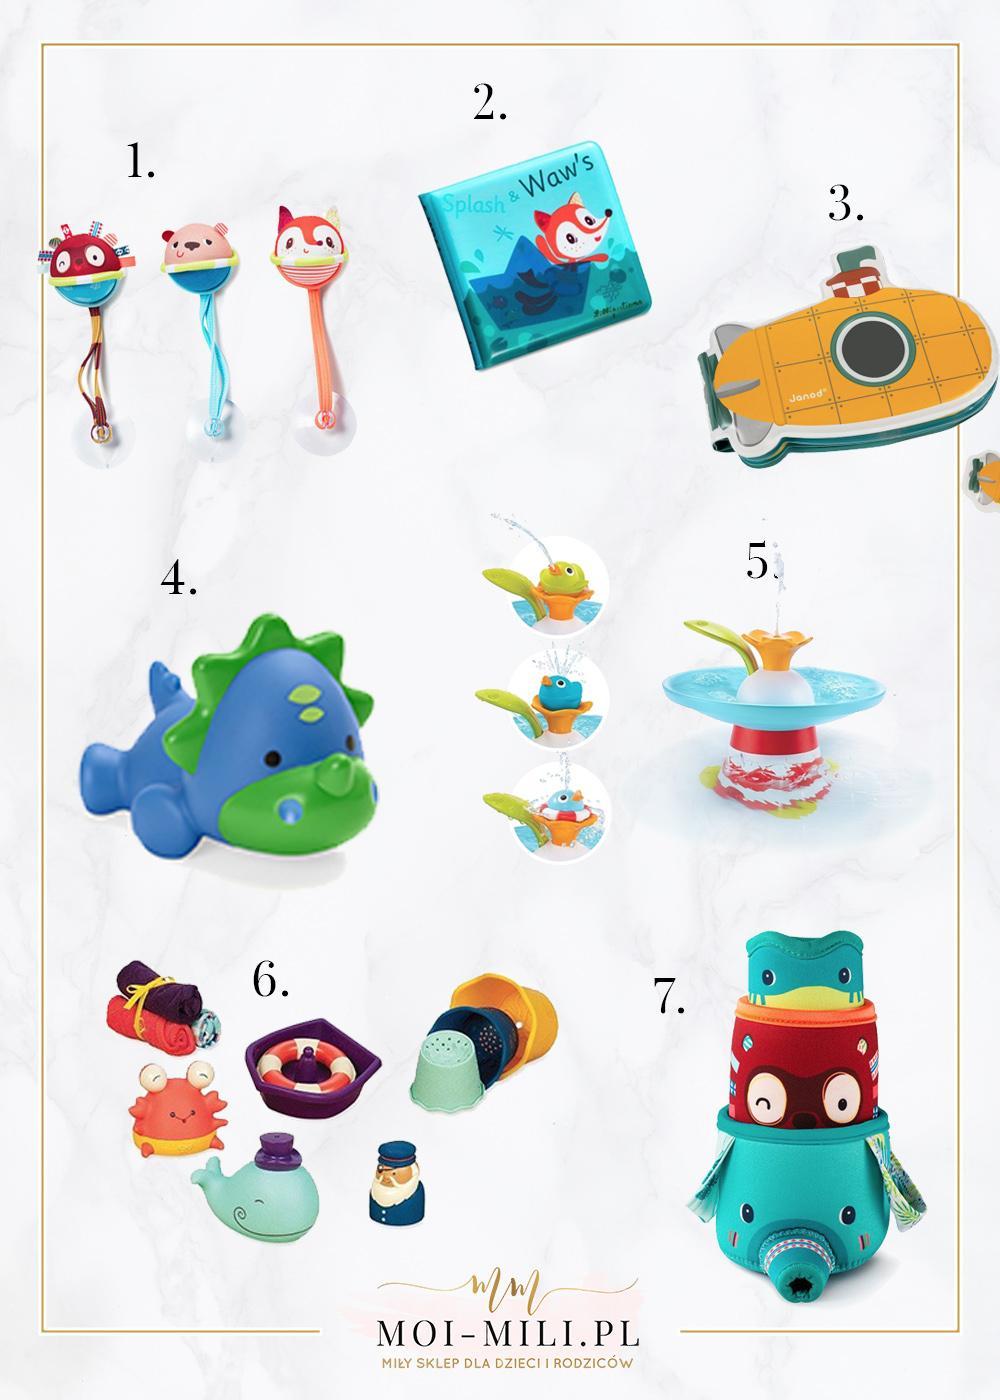 Zabawki do wanny to świetny pomysł na prezent dla niemowlaka.